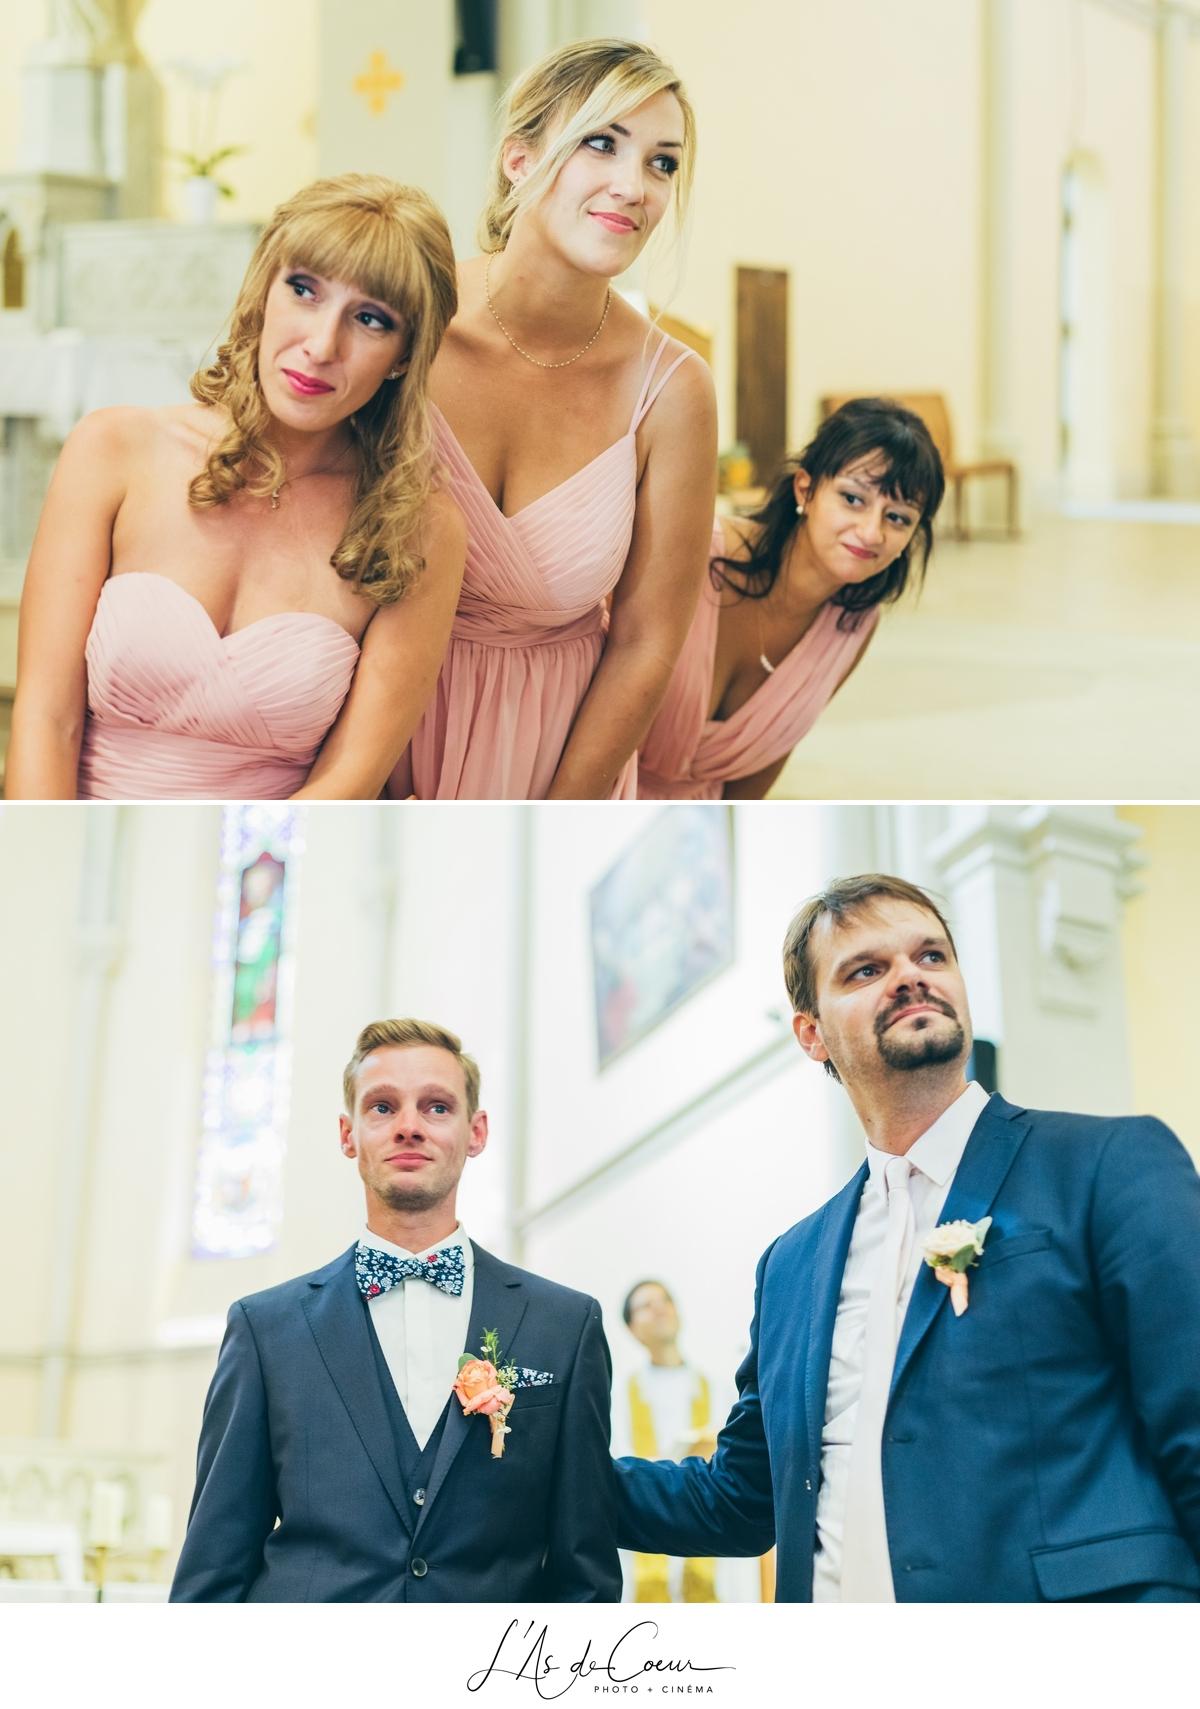 Ceremonie eglise entrée mariée émotion photographe Mariage Lyon ©lasdecoeur